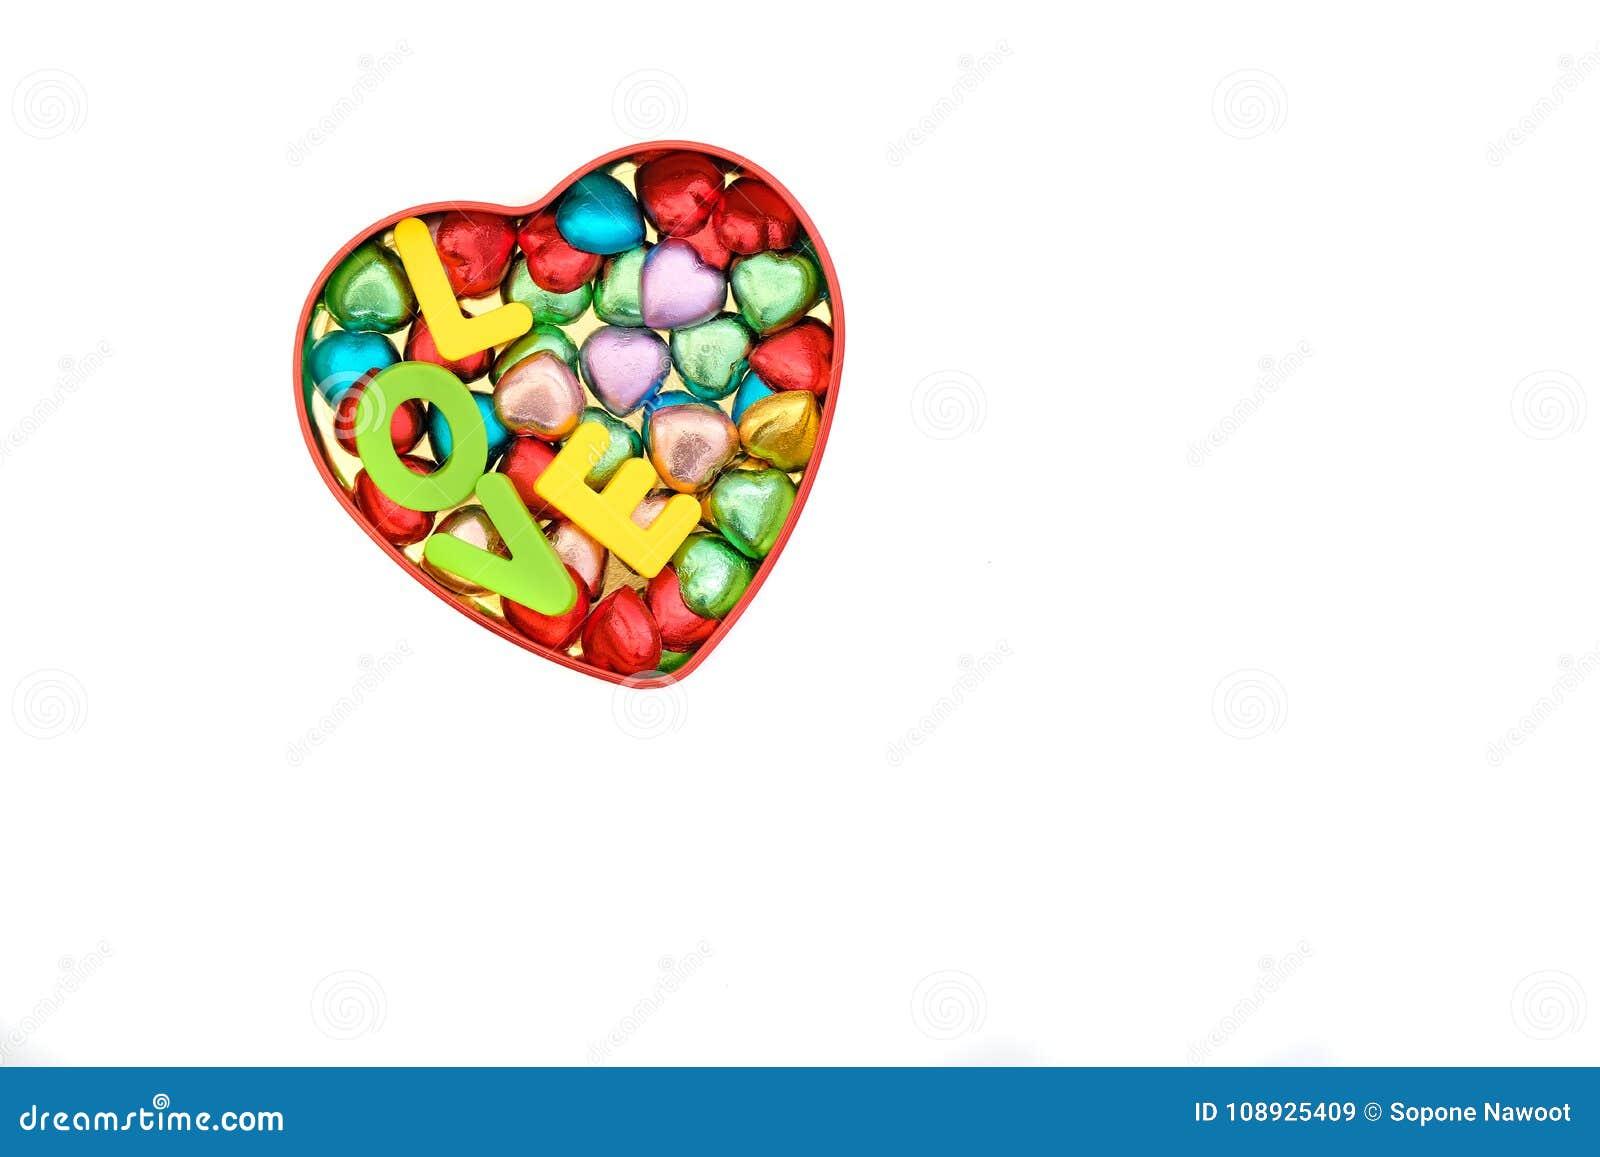 Los caramelos de chocolate en diversos colores en una lata de la corazón-forma encajonan ingenio